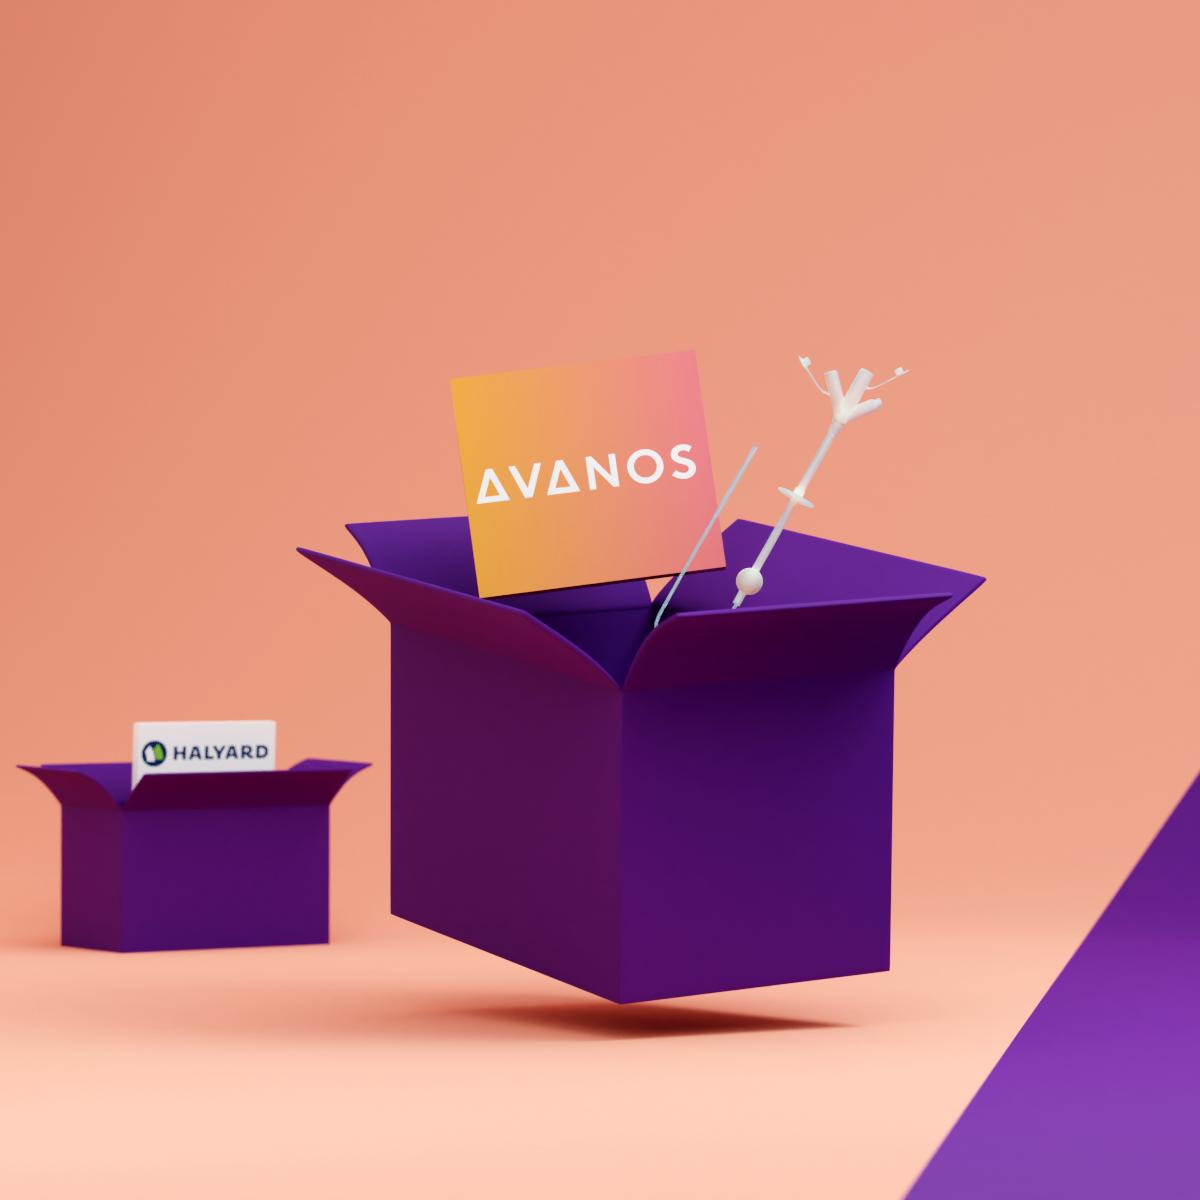 Halyard s'appelle désormais AVANOS